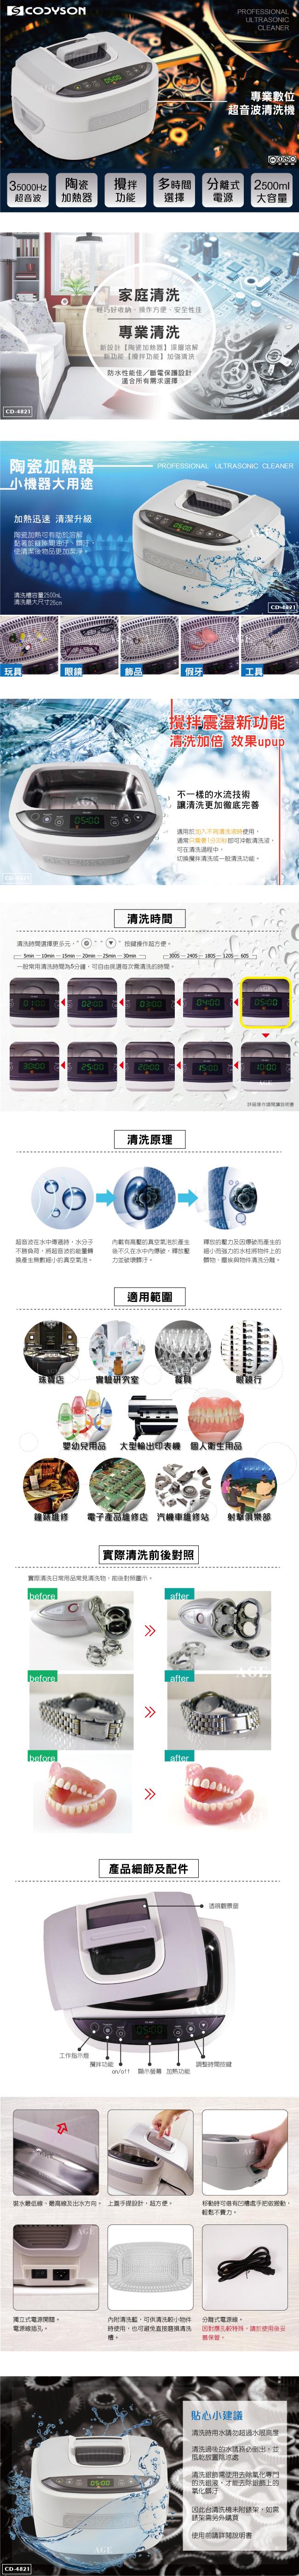 (複製)CODYSON 超音波清洗機_CD-7910A 玫瑰金